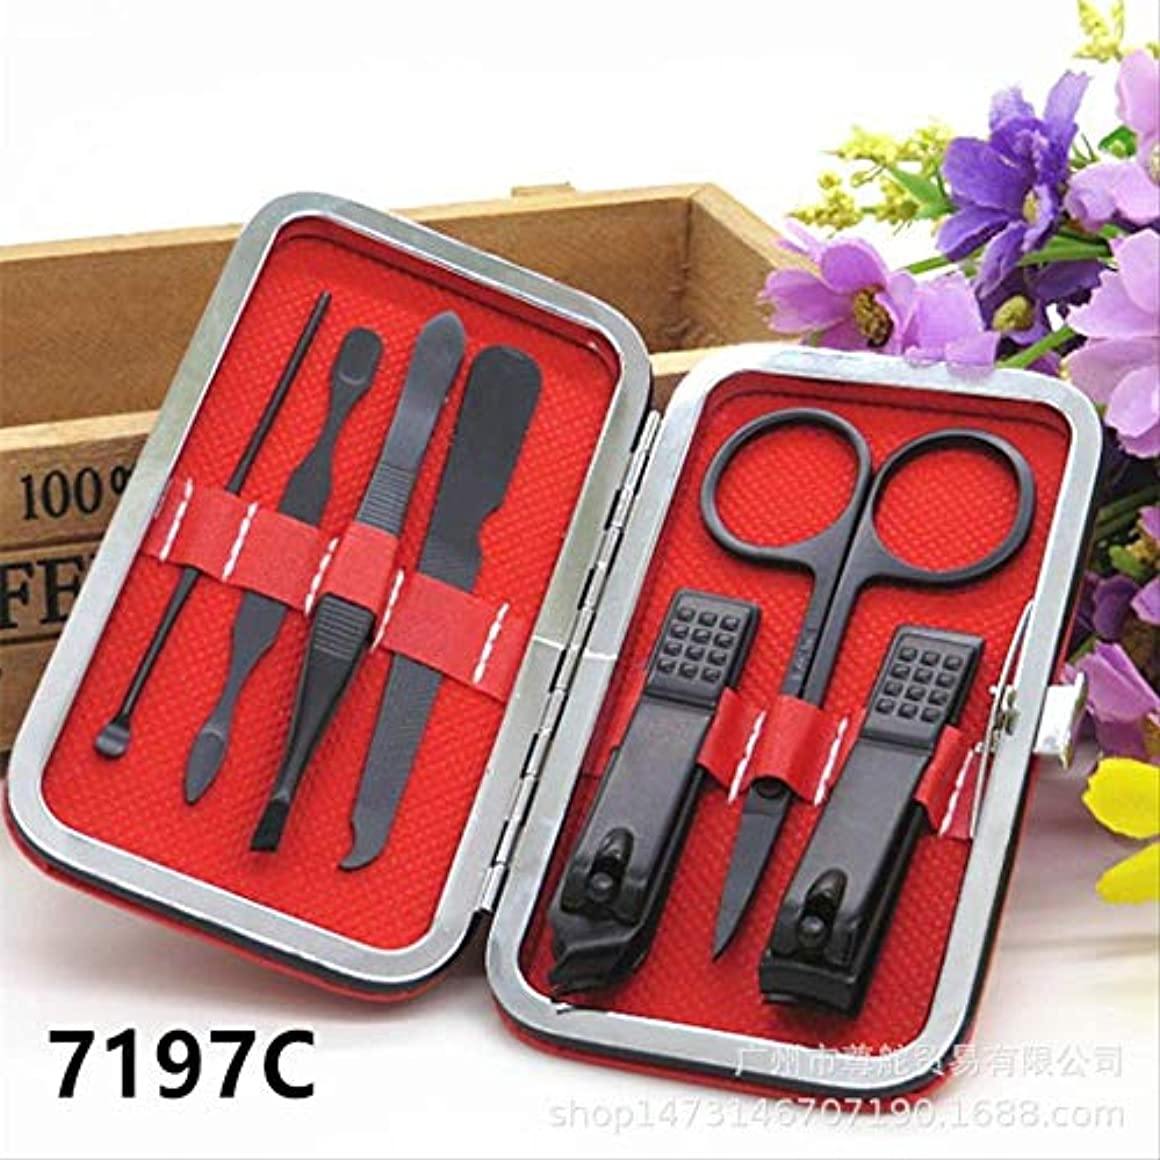 電話をかけるバリケード社会科爪切りセット16ピースペディキュアナイフ美容プライヤー爪ツール 7197C